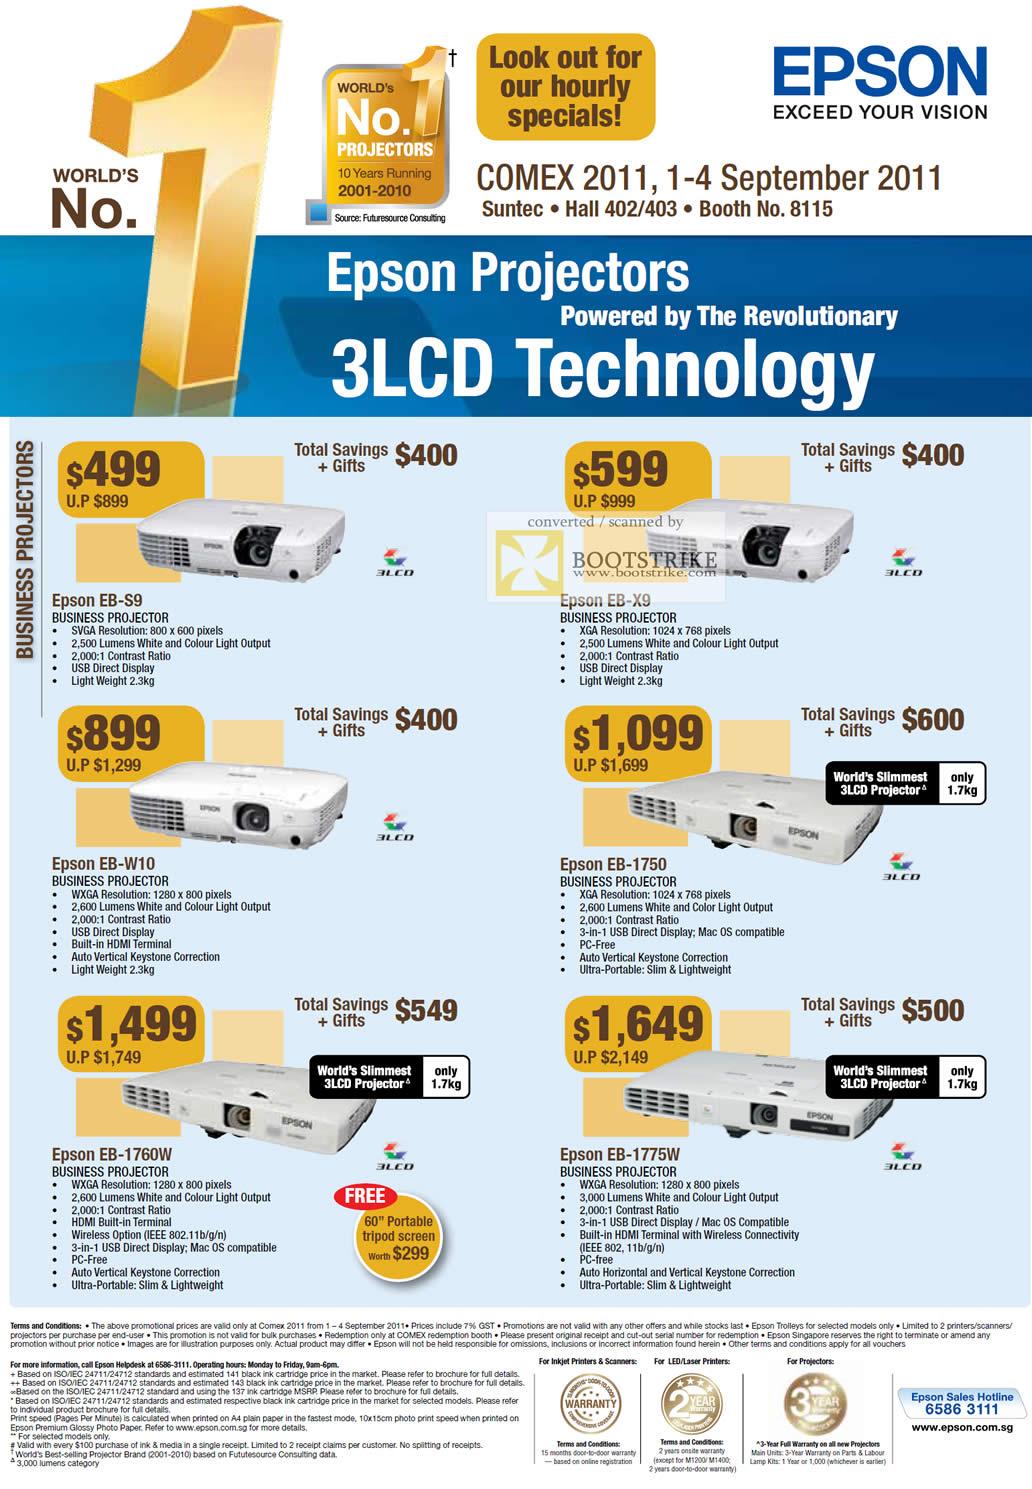 COMEX 2011 price list image brochure of Epson Projectors Business EB-S9 EB-X9 EB-W10 EB-1750 EB-1760W EB-1775W